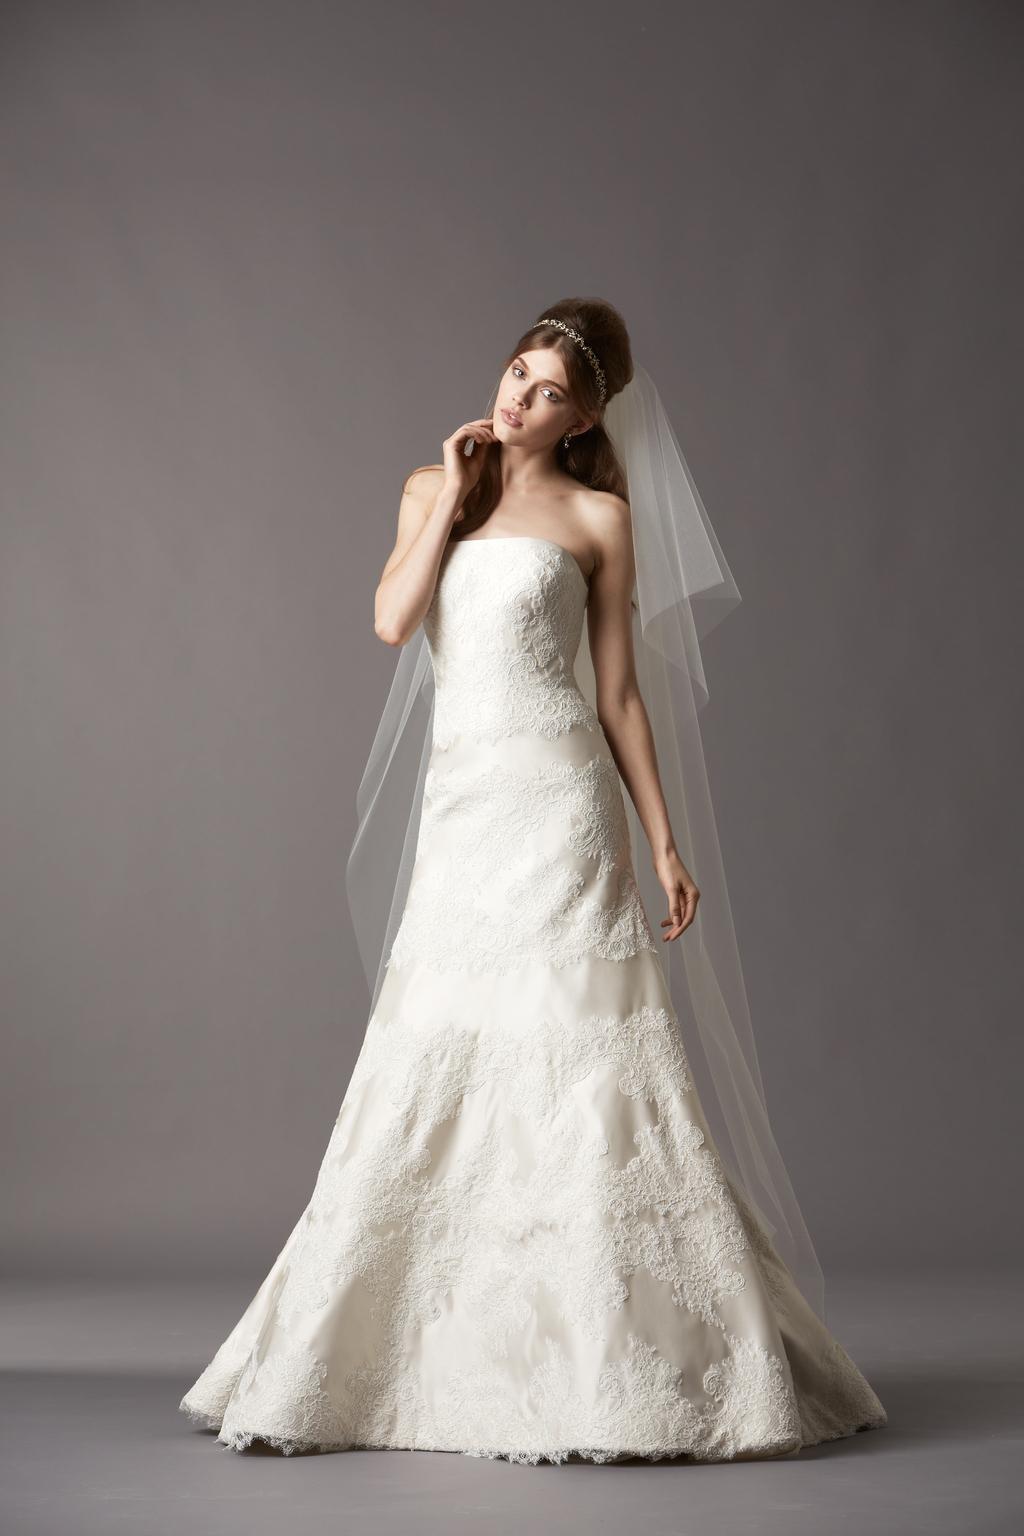 Watters-bridal-gowns-fall-2013-wedding-dress-4020b.full